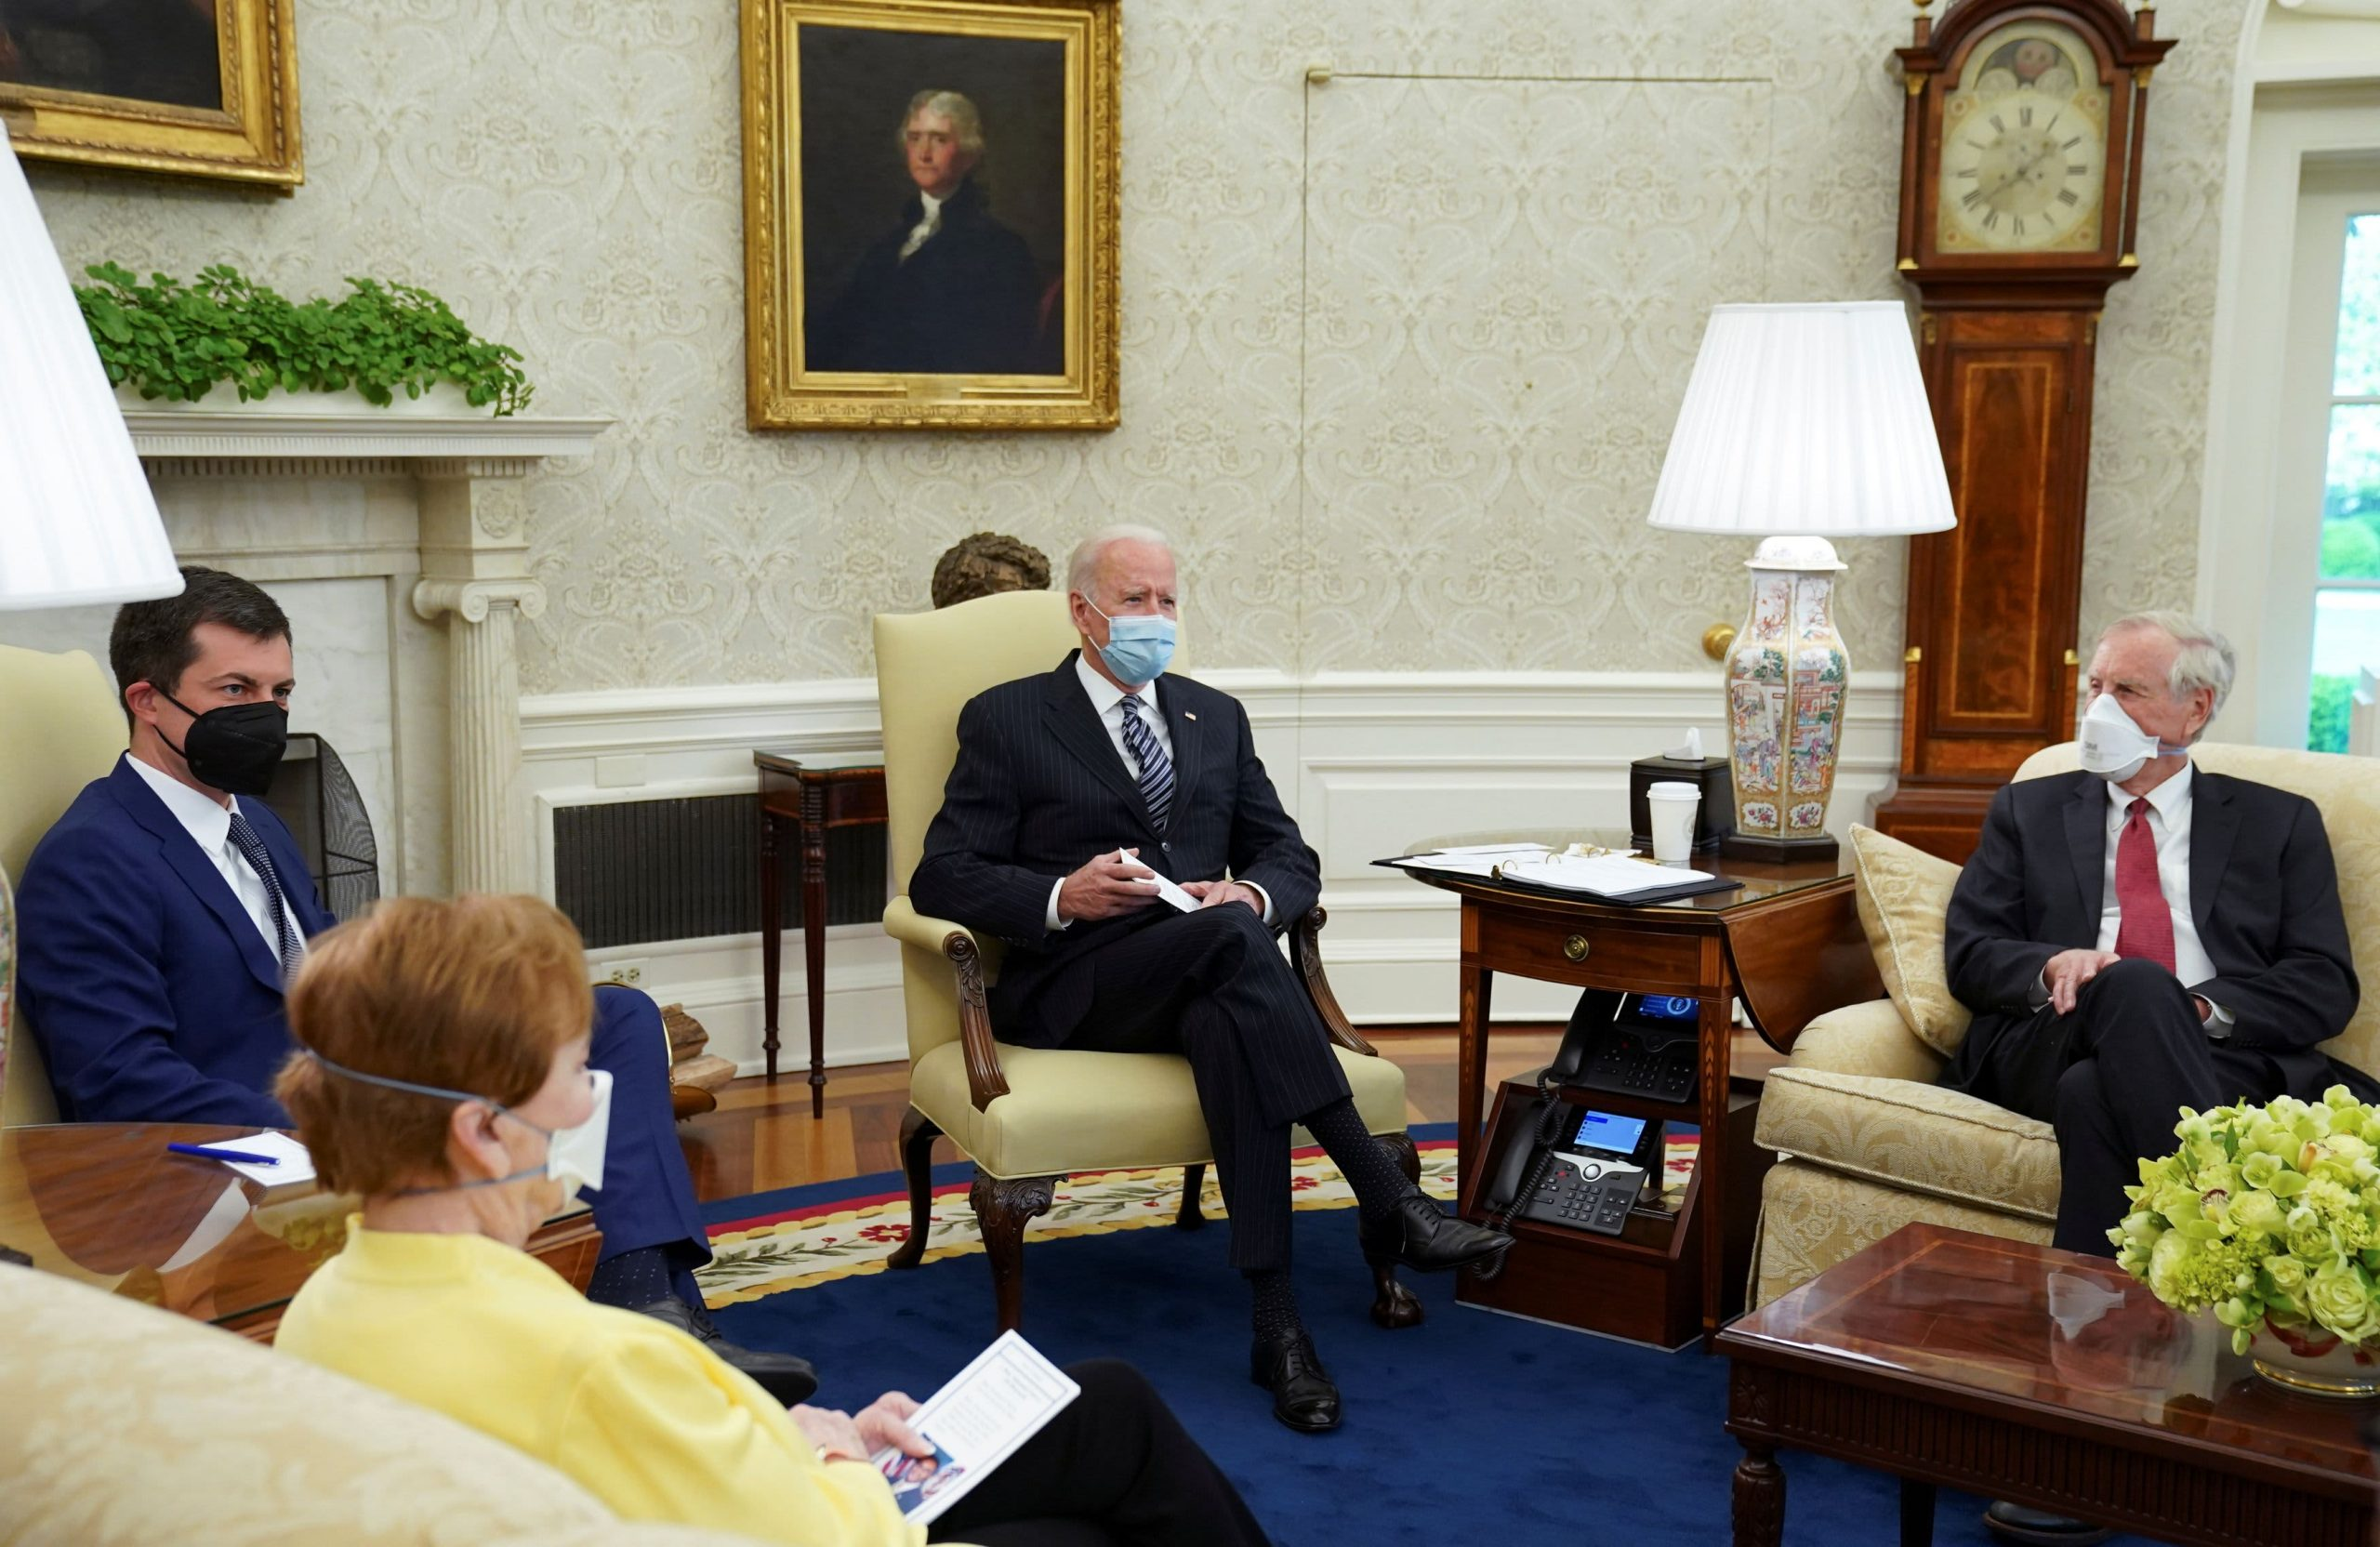 El hermano de un importante asesor de Biden presionó a la Casa Blanca este año en nombre de las grandes empresas de atención médica.